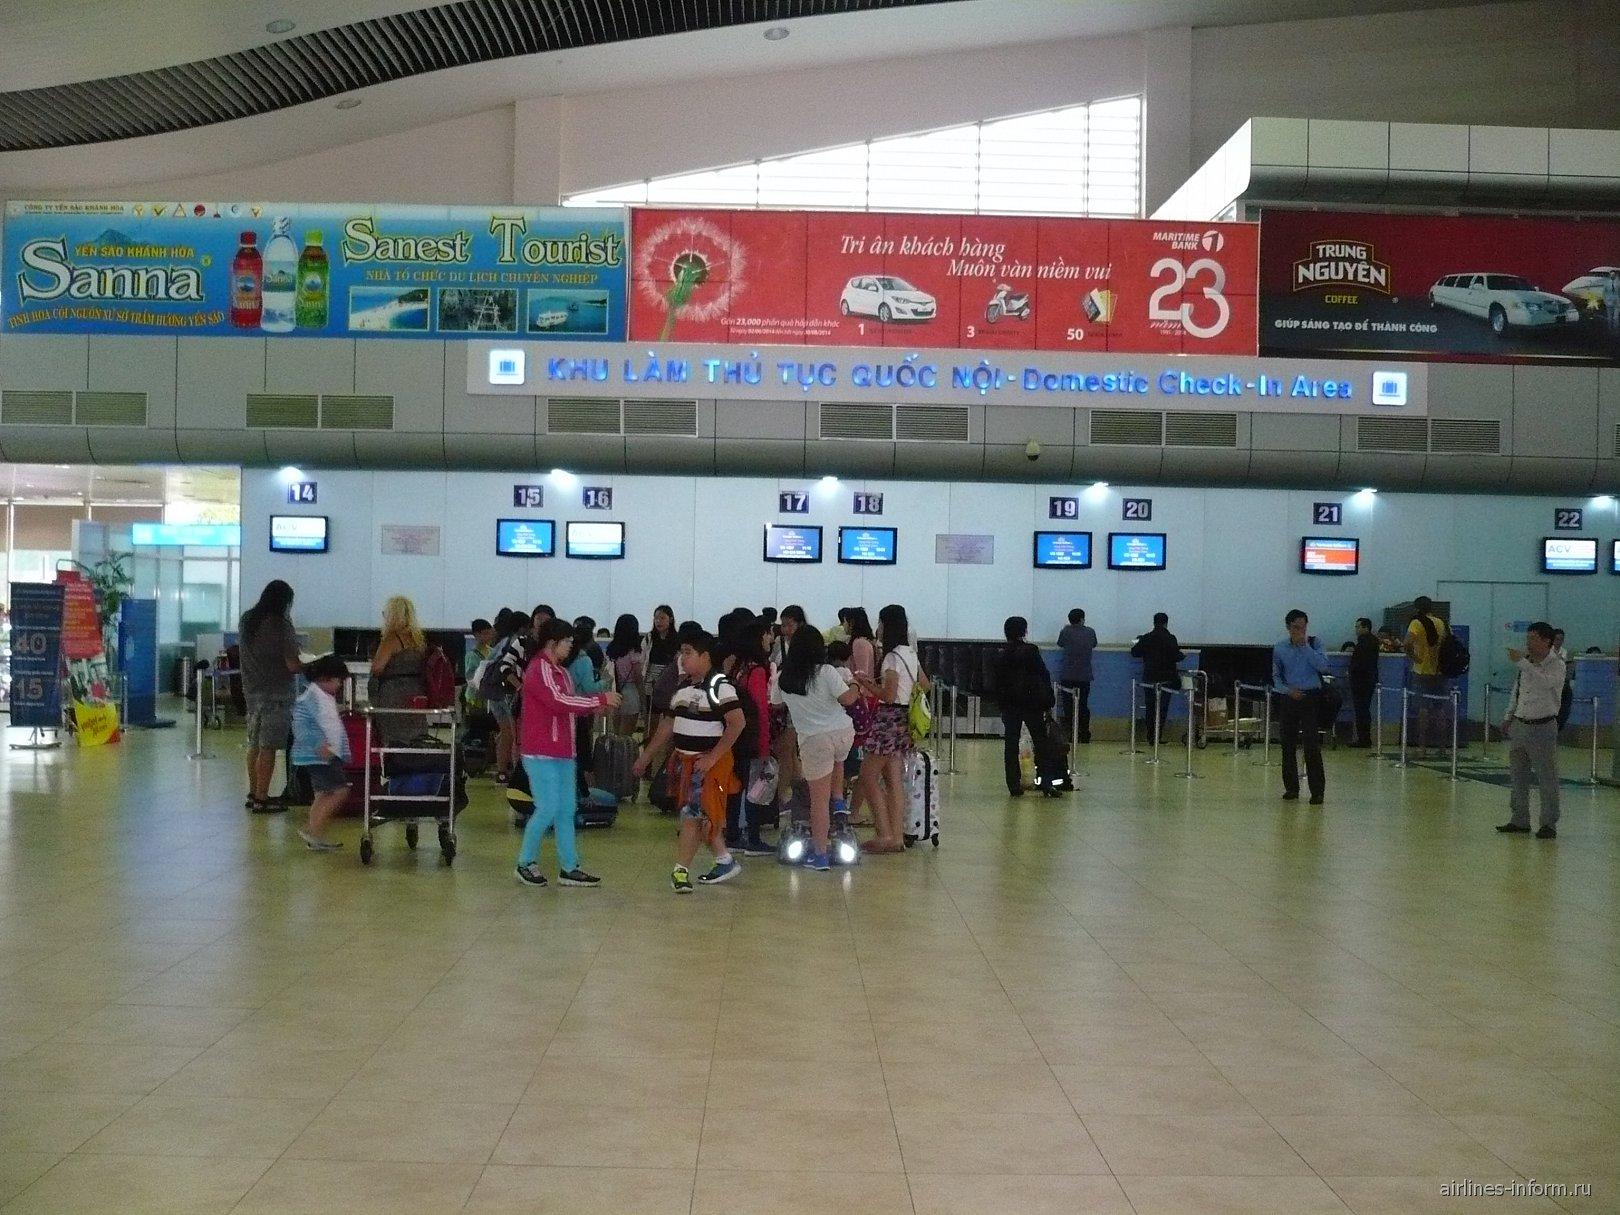 Стойки регистрации внутренних рейсов в аэропорту Камрань